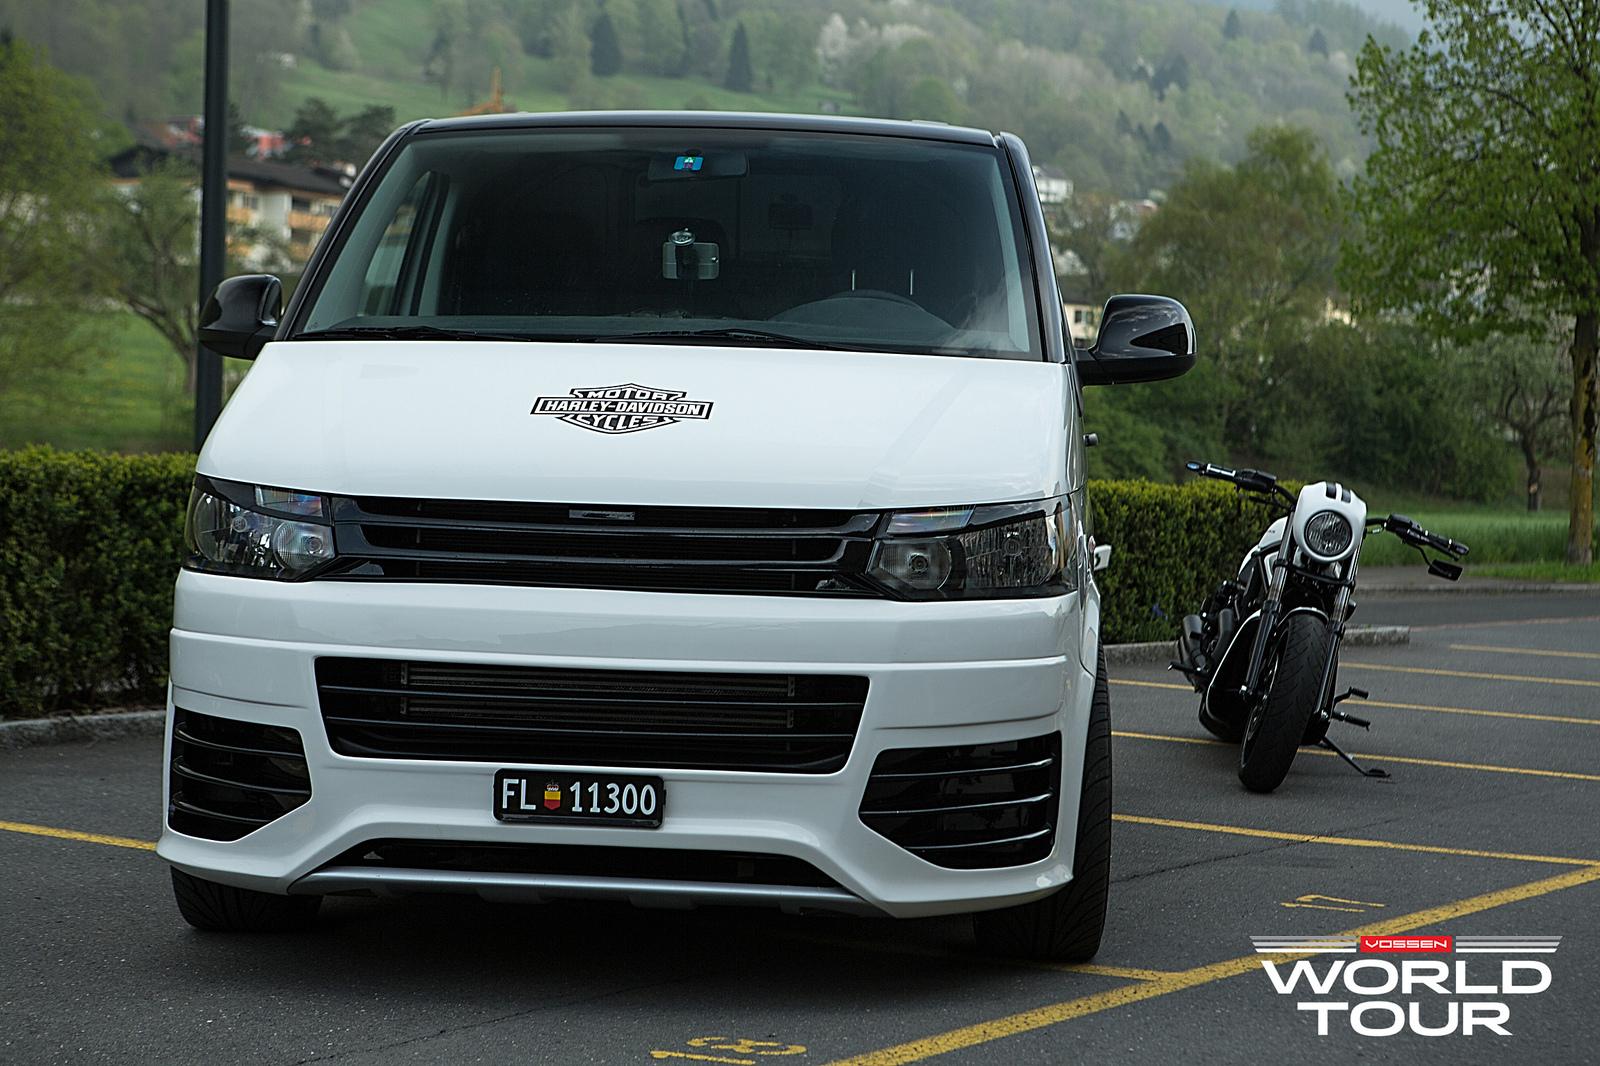 Volkswagen t5 transporter запчасти